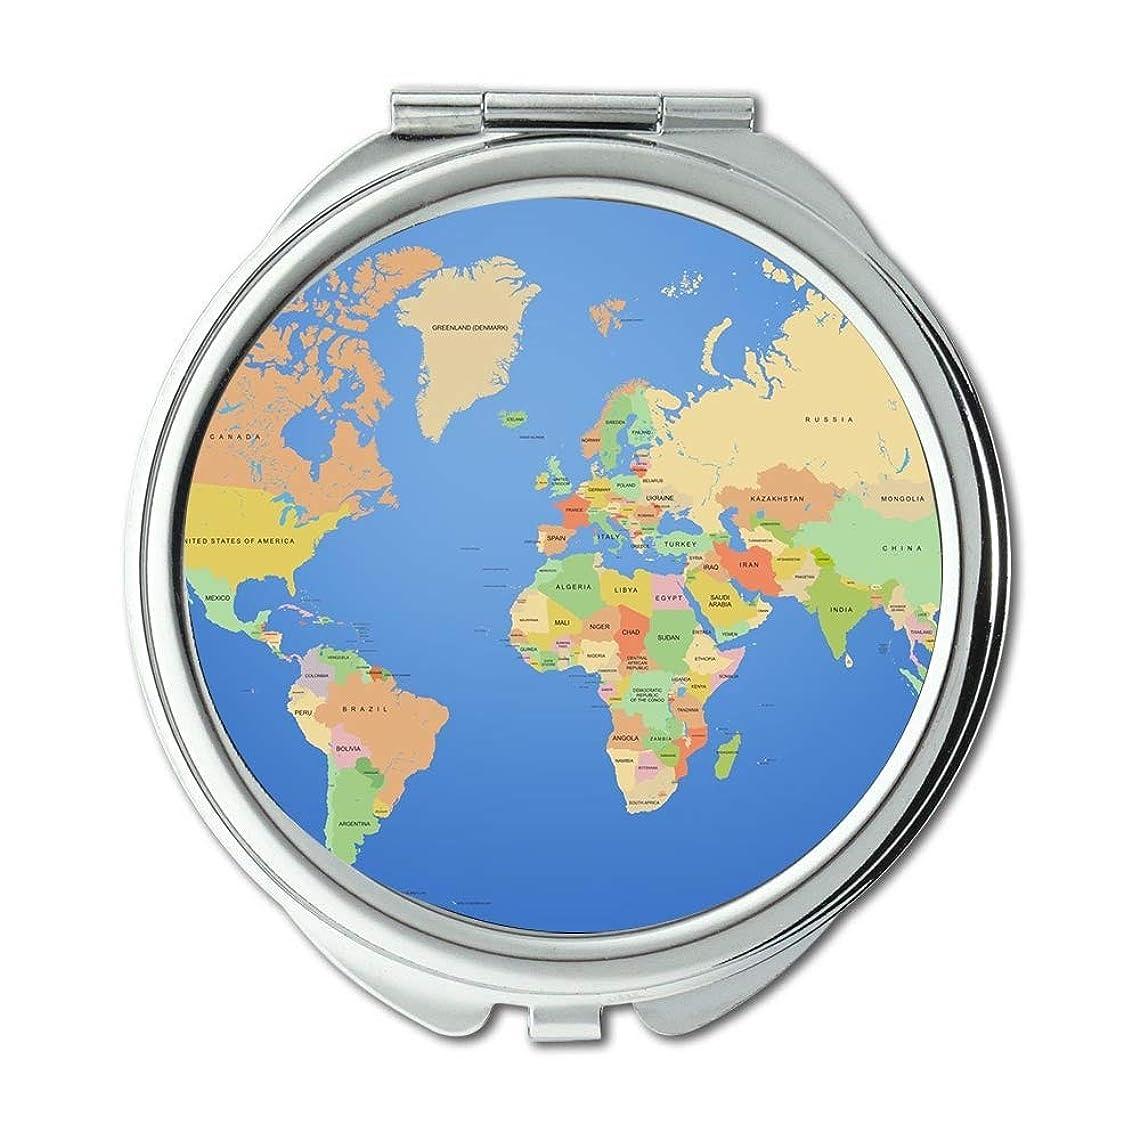 サンダー地下鉄同等のポケットミラー、コンパクトミラーラウンドコンパクトミラー両面、世界地図男性用ウォレットミラー/女性MT 006